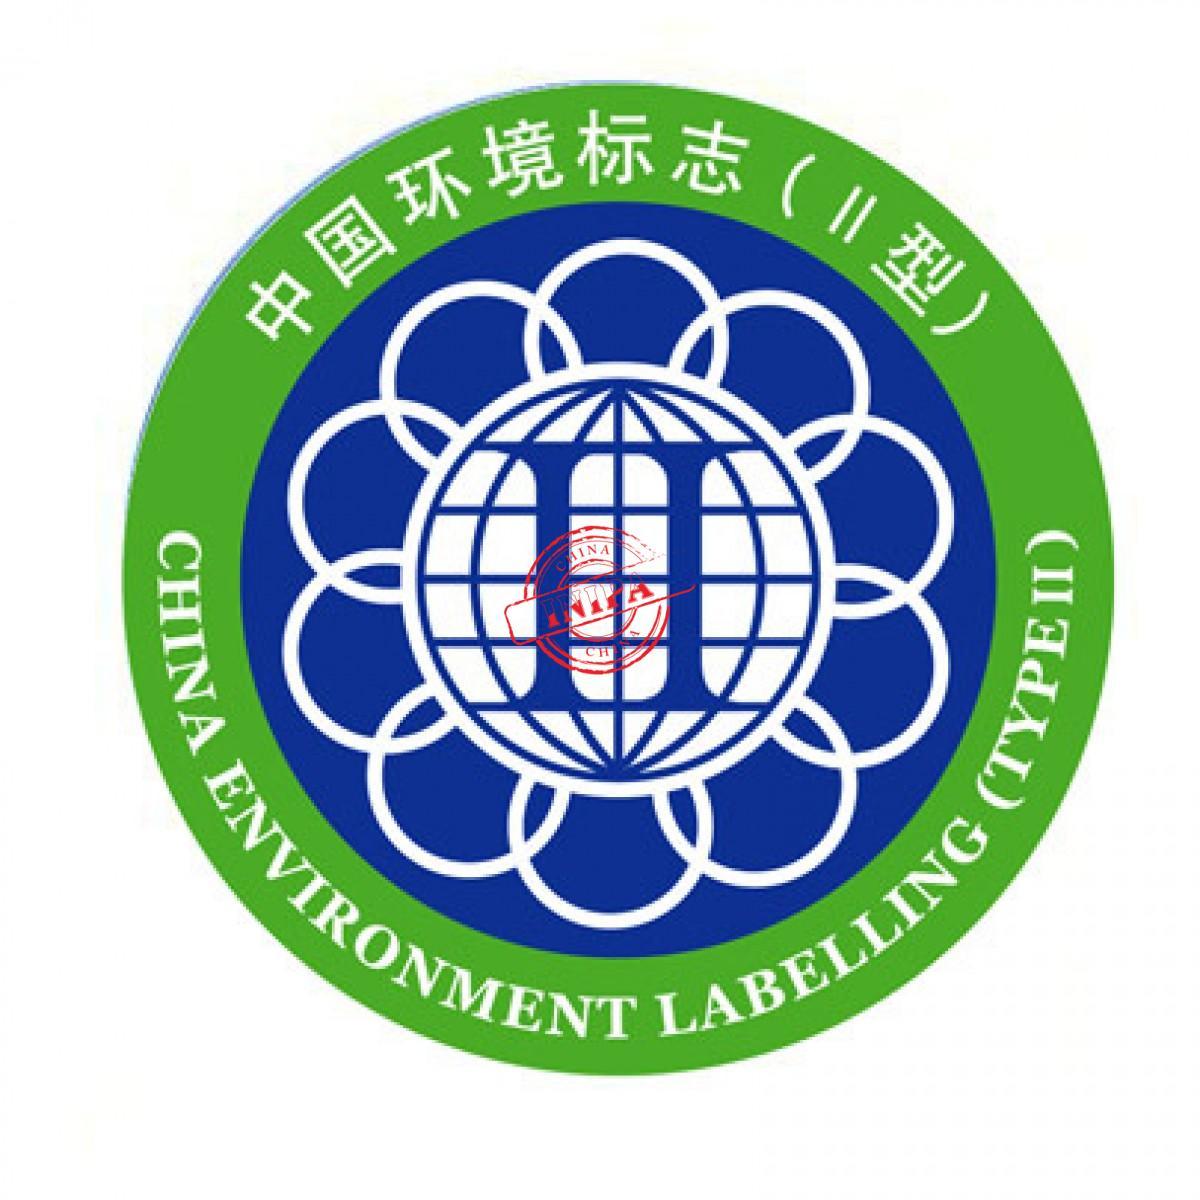 中国环境标志II型,专业认证服务机构